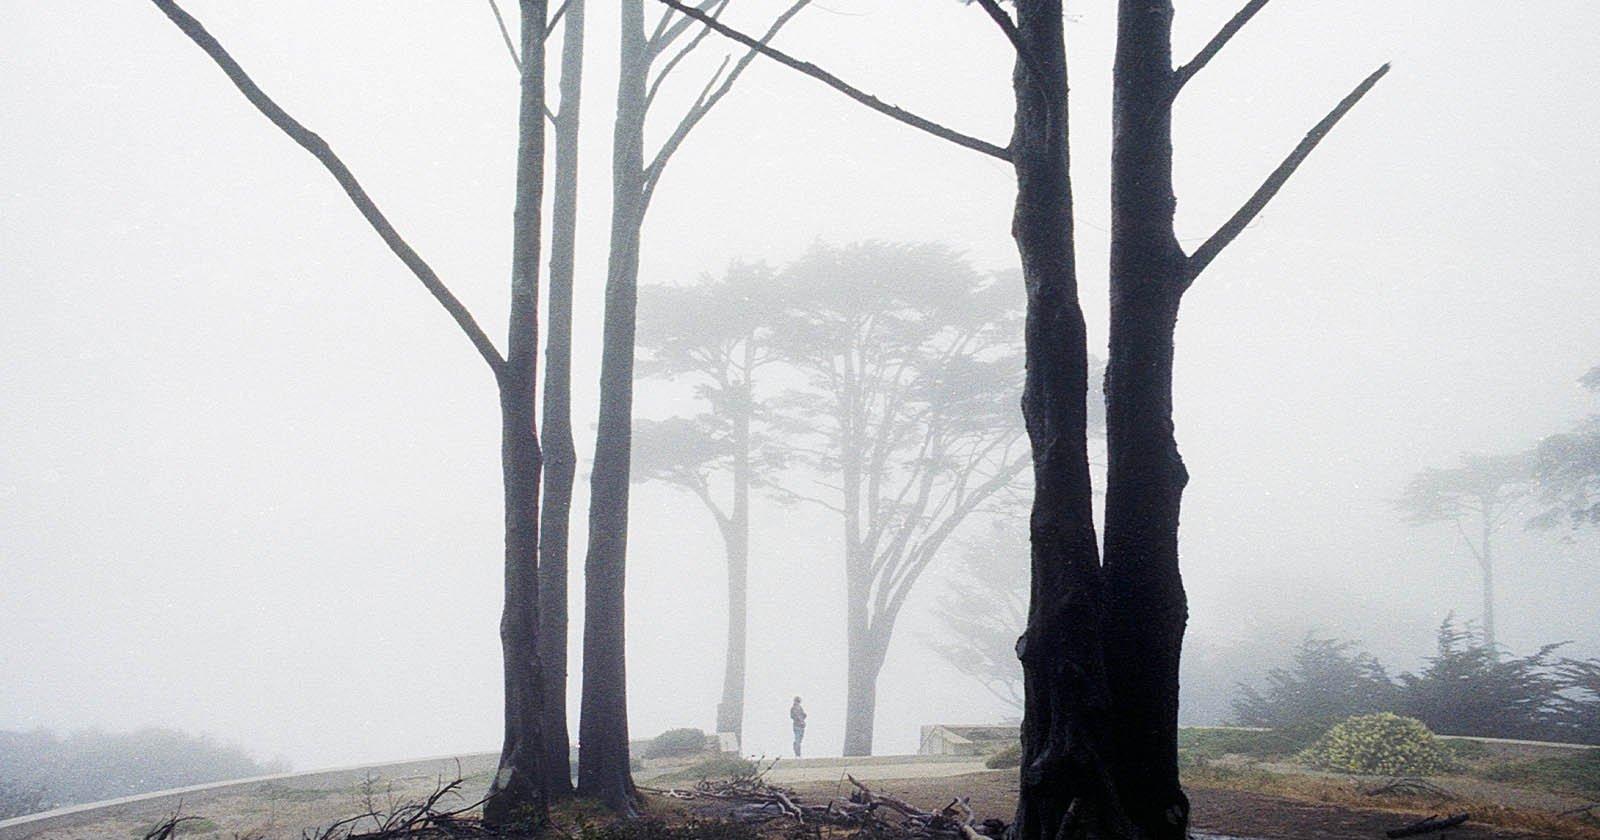 Film Photo Series celebra la bellezza naturale della nebbia di San Francisco